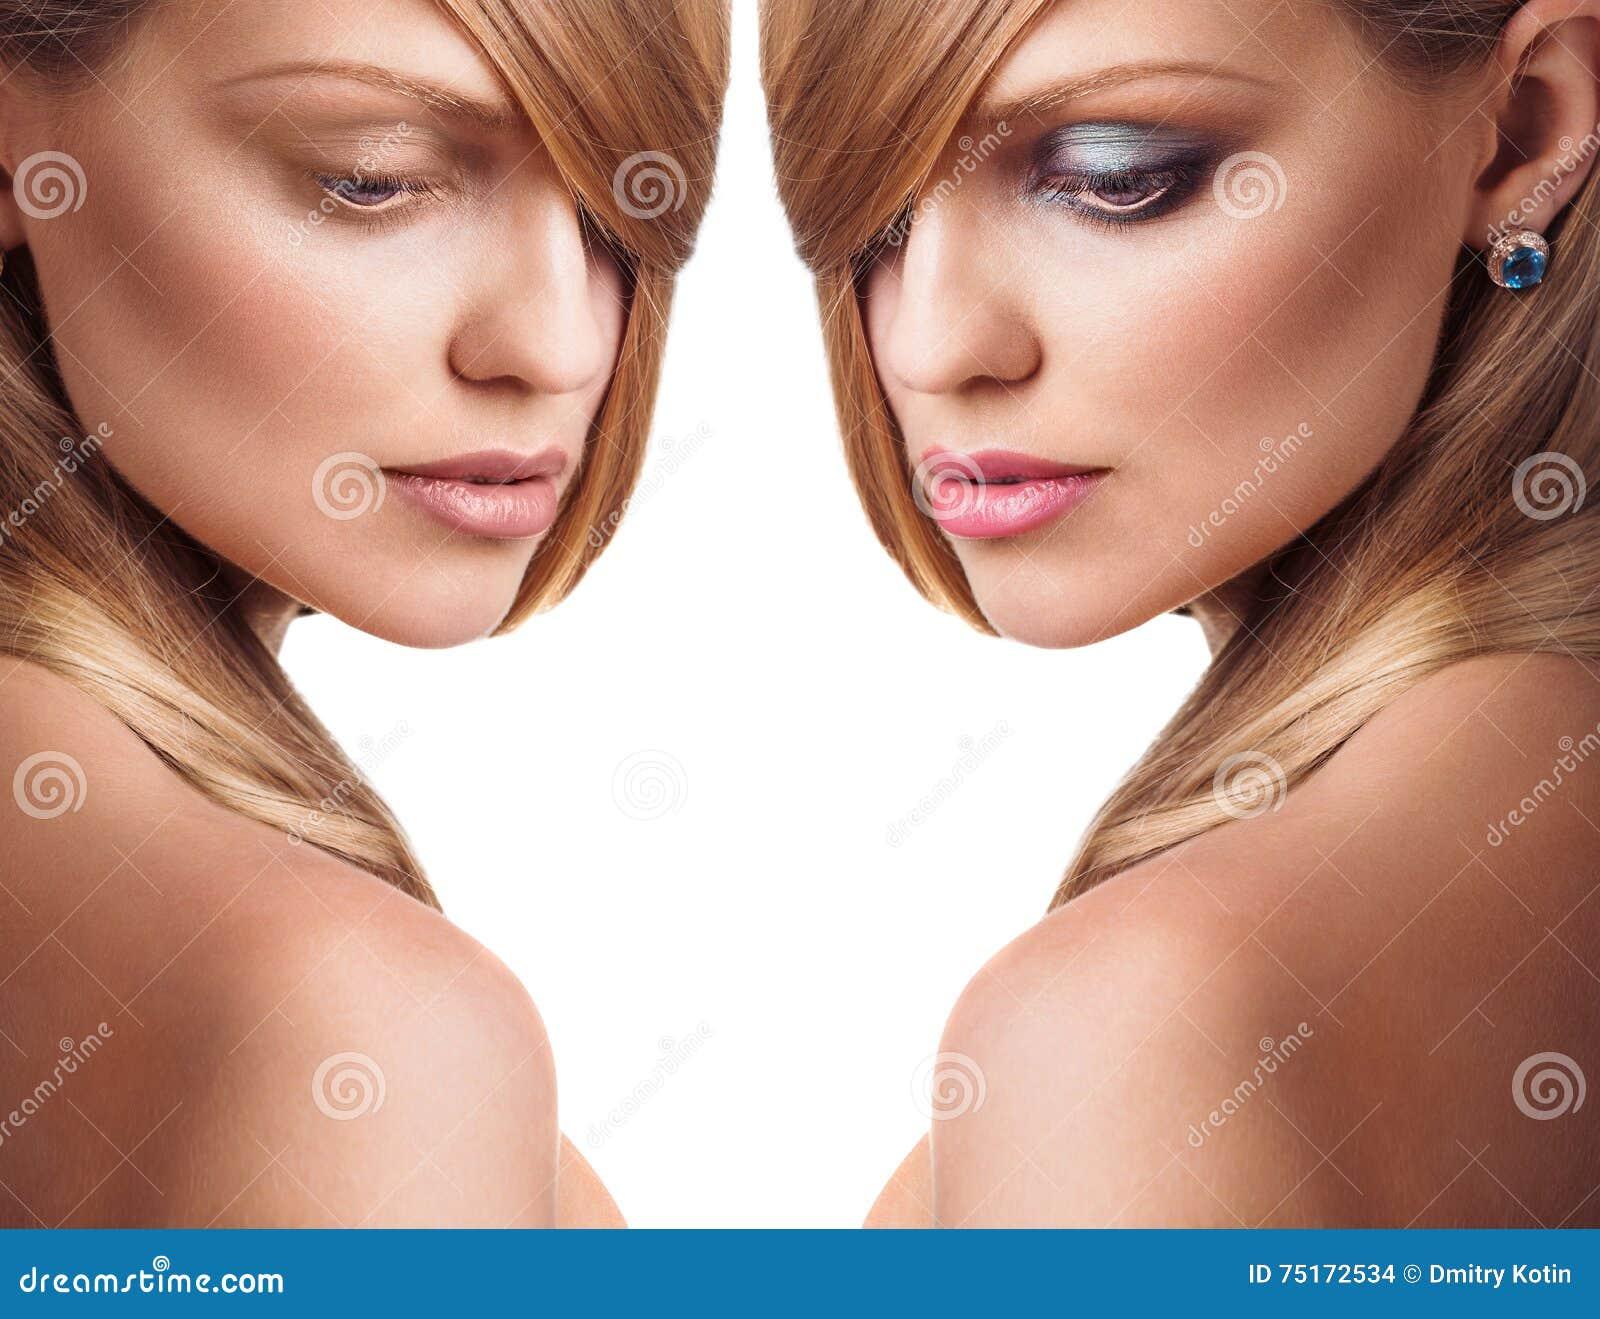 Dziewczyna bez makeup i z